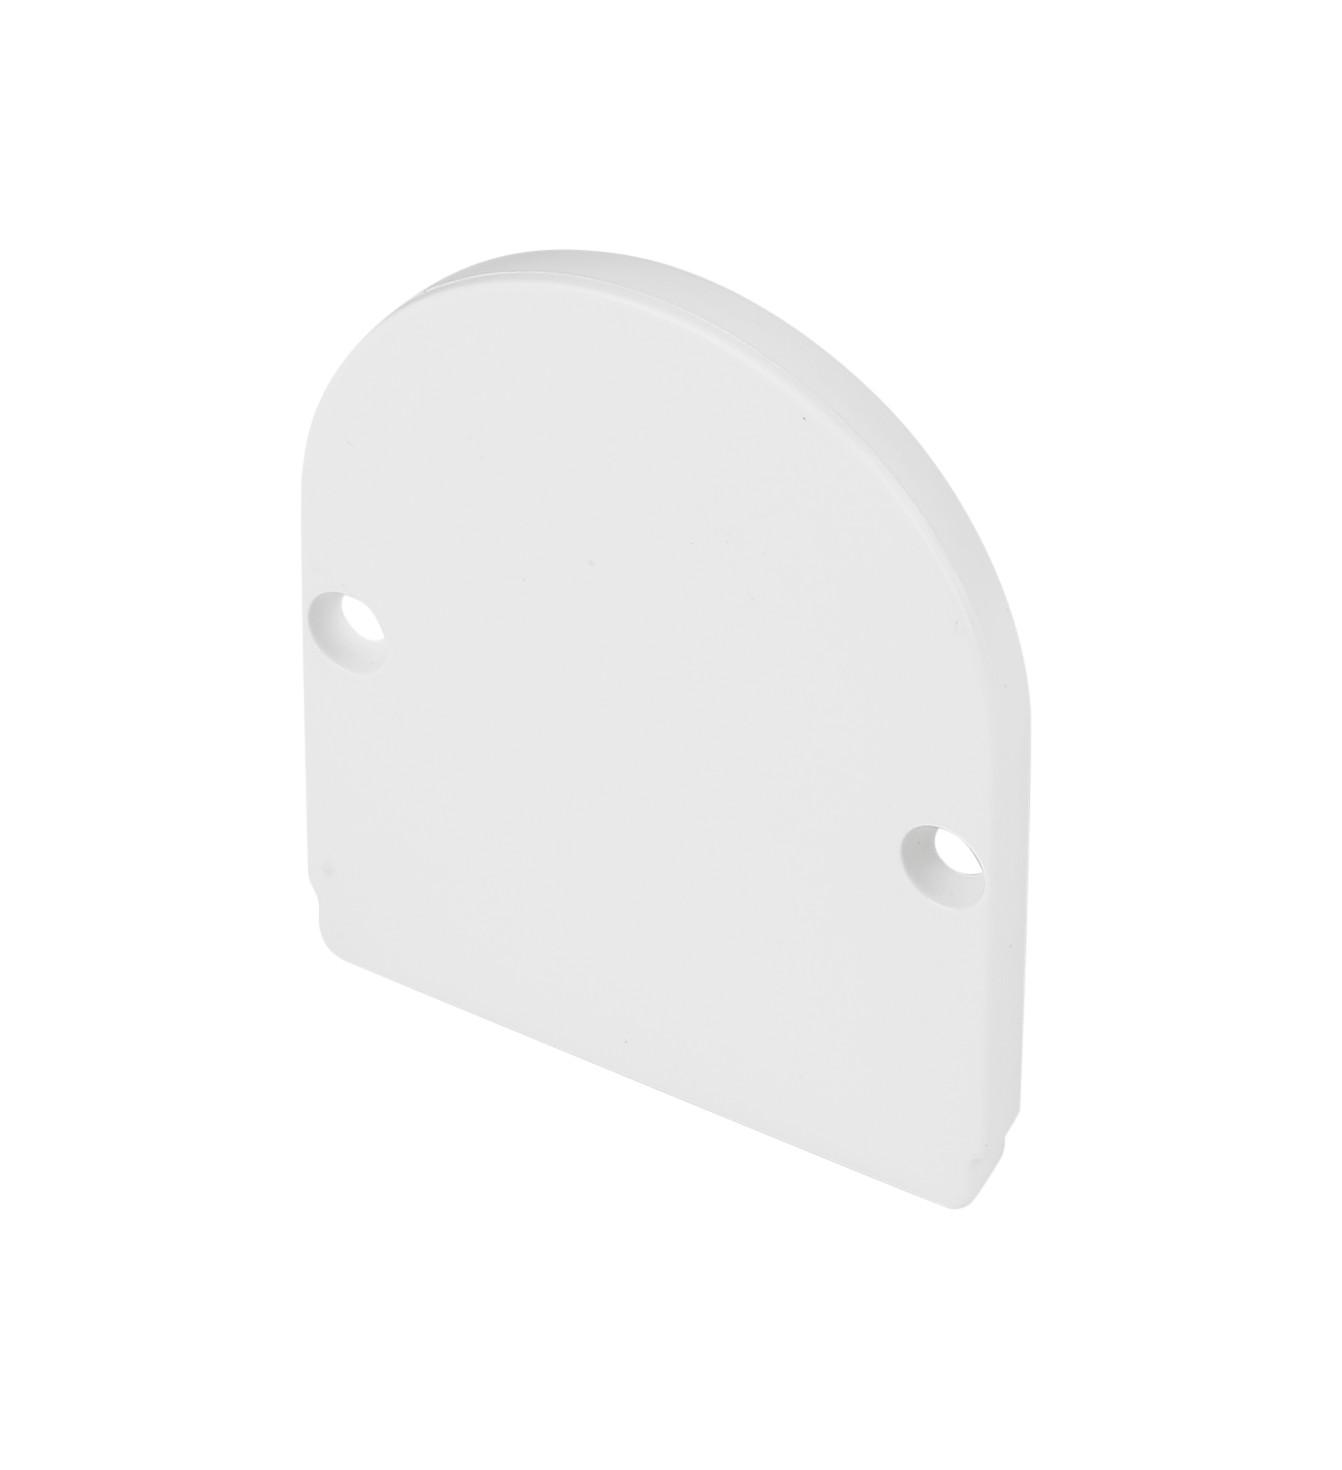 1 Stk GLENOS Endkappe für Industrial Profil Dome, mattweiß,2 Stück LI214461--